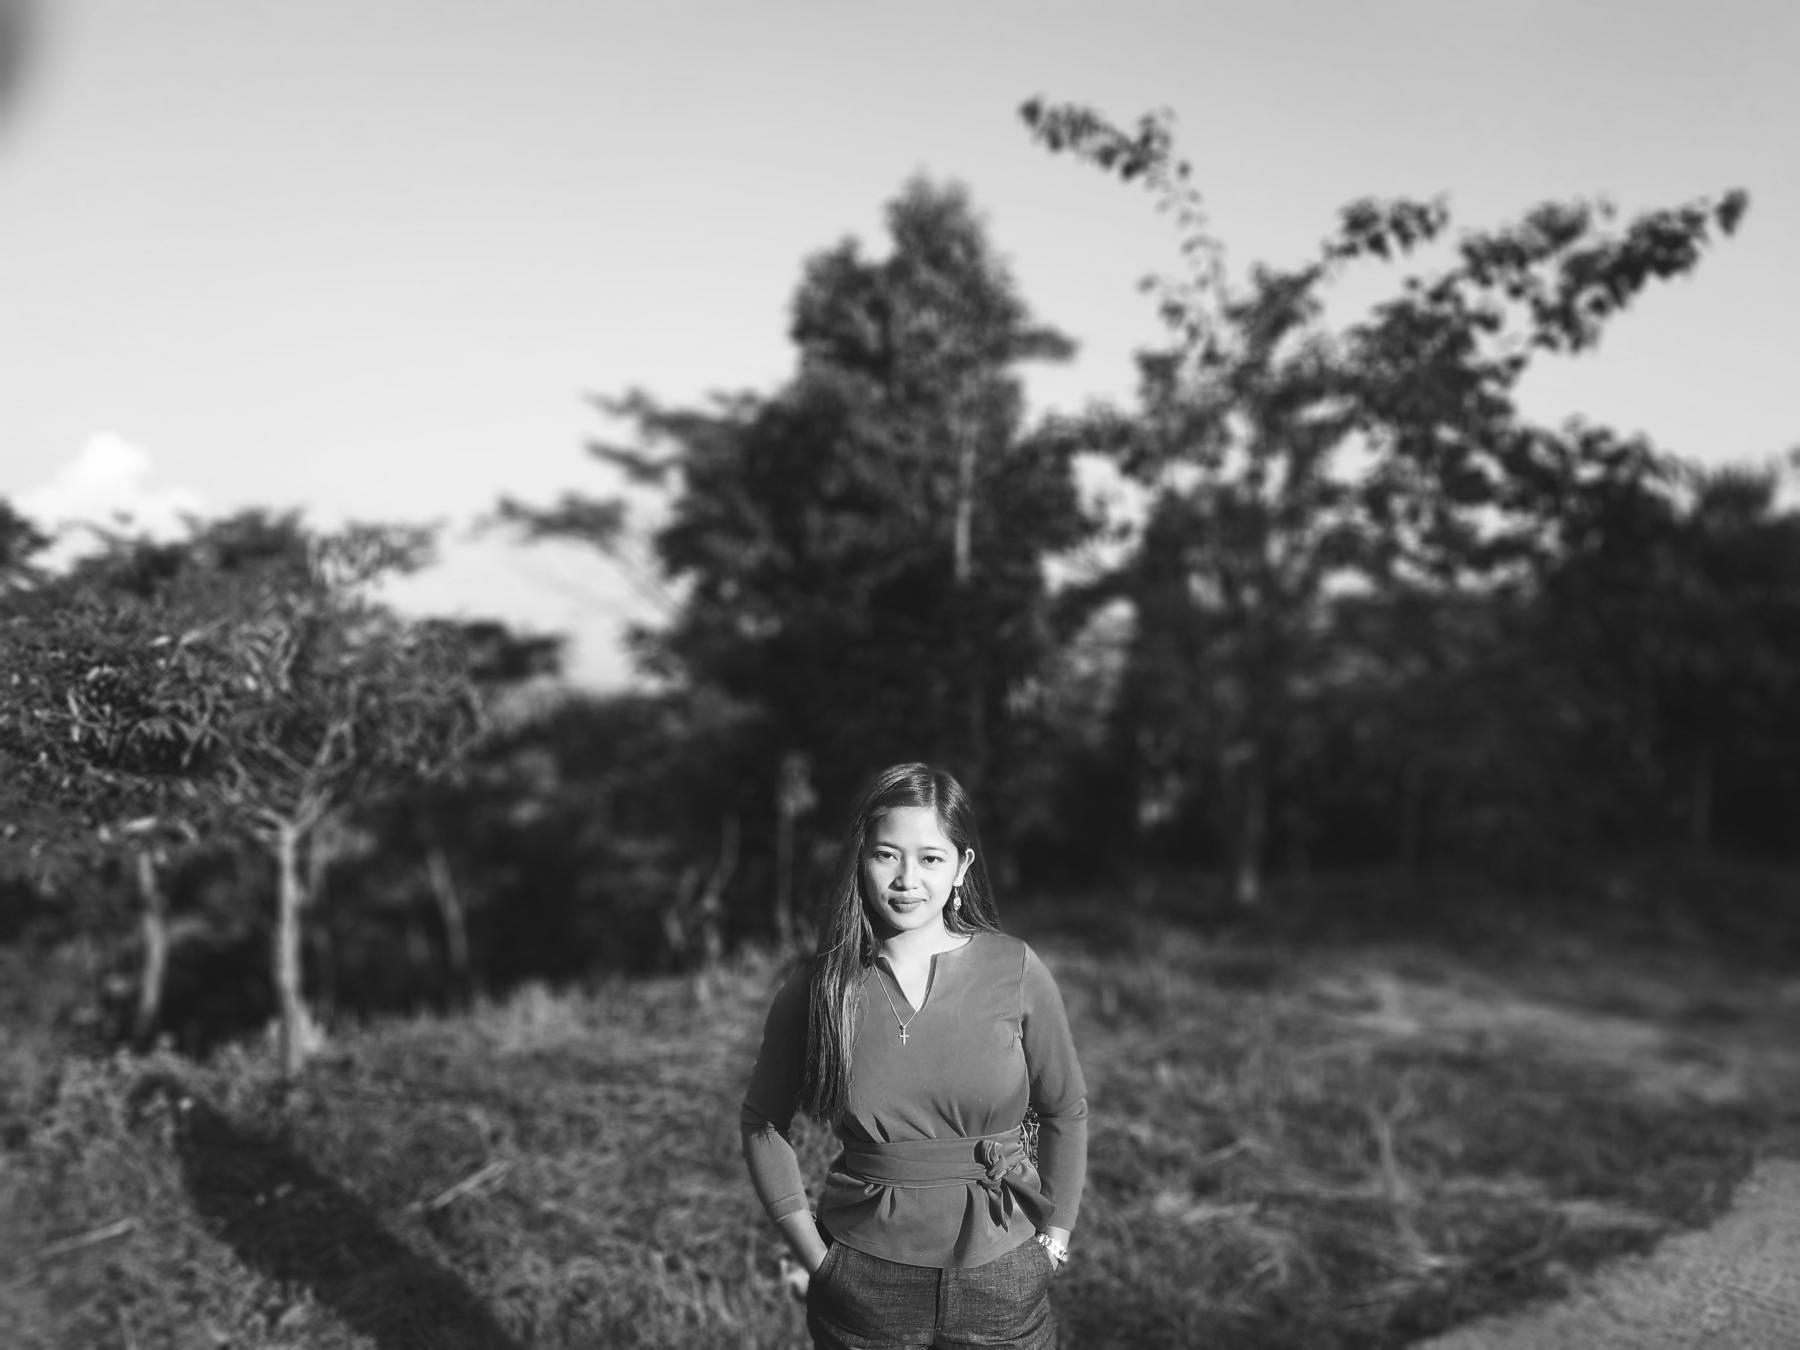 Mimi Zothanpari